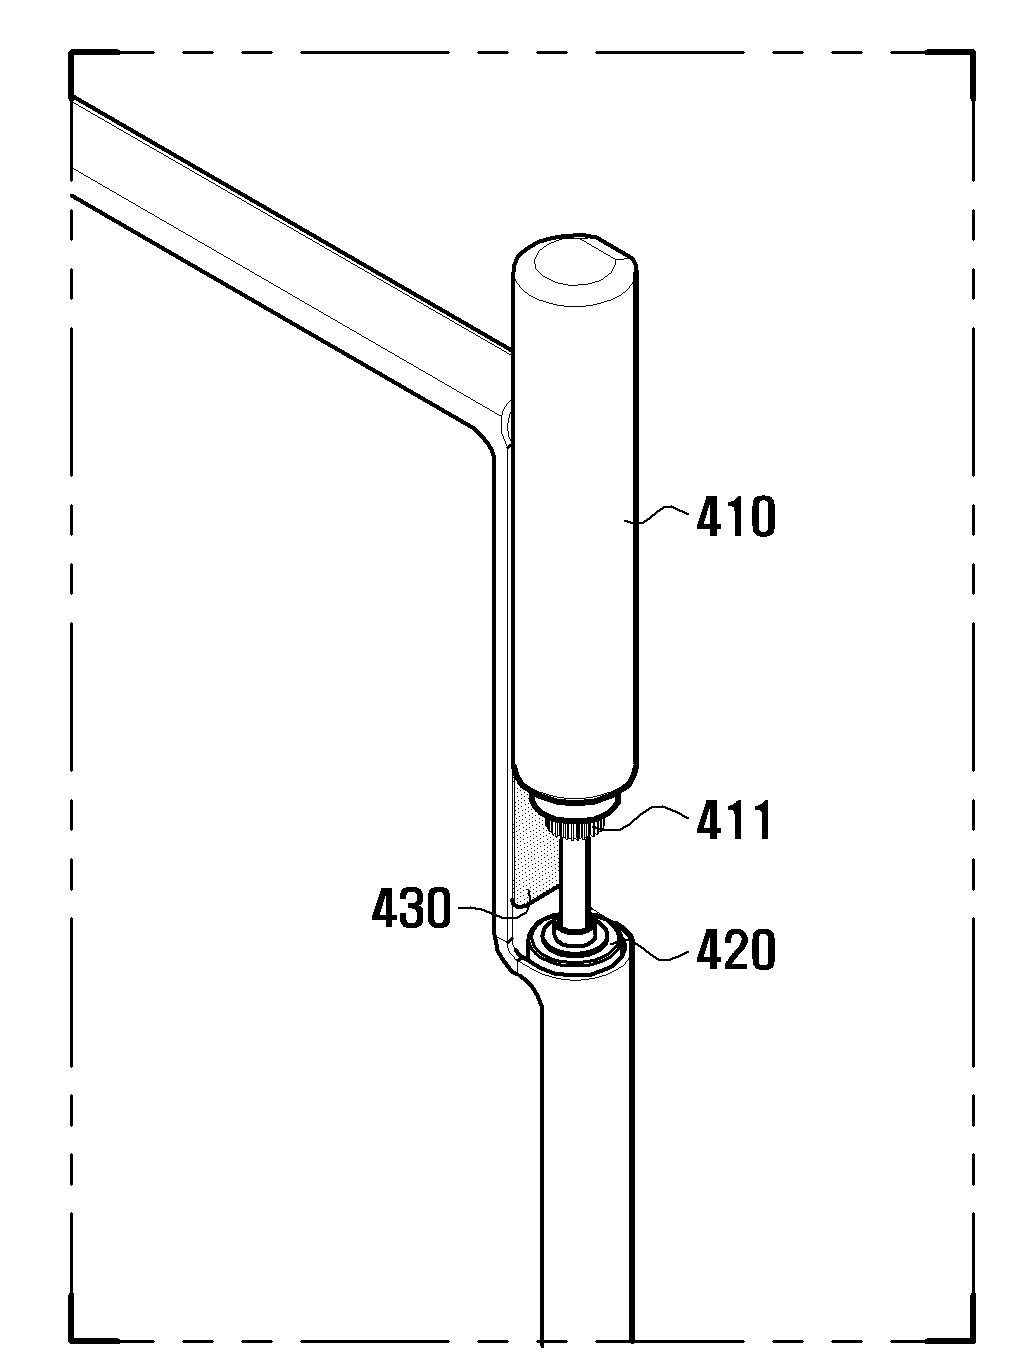 Patente de cámara giratoria para teléfono plegable Samsung